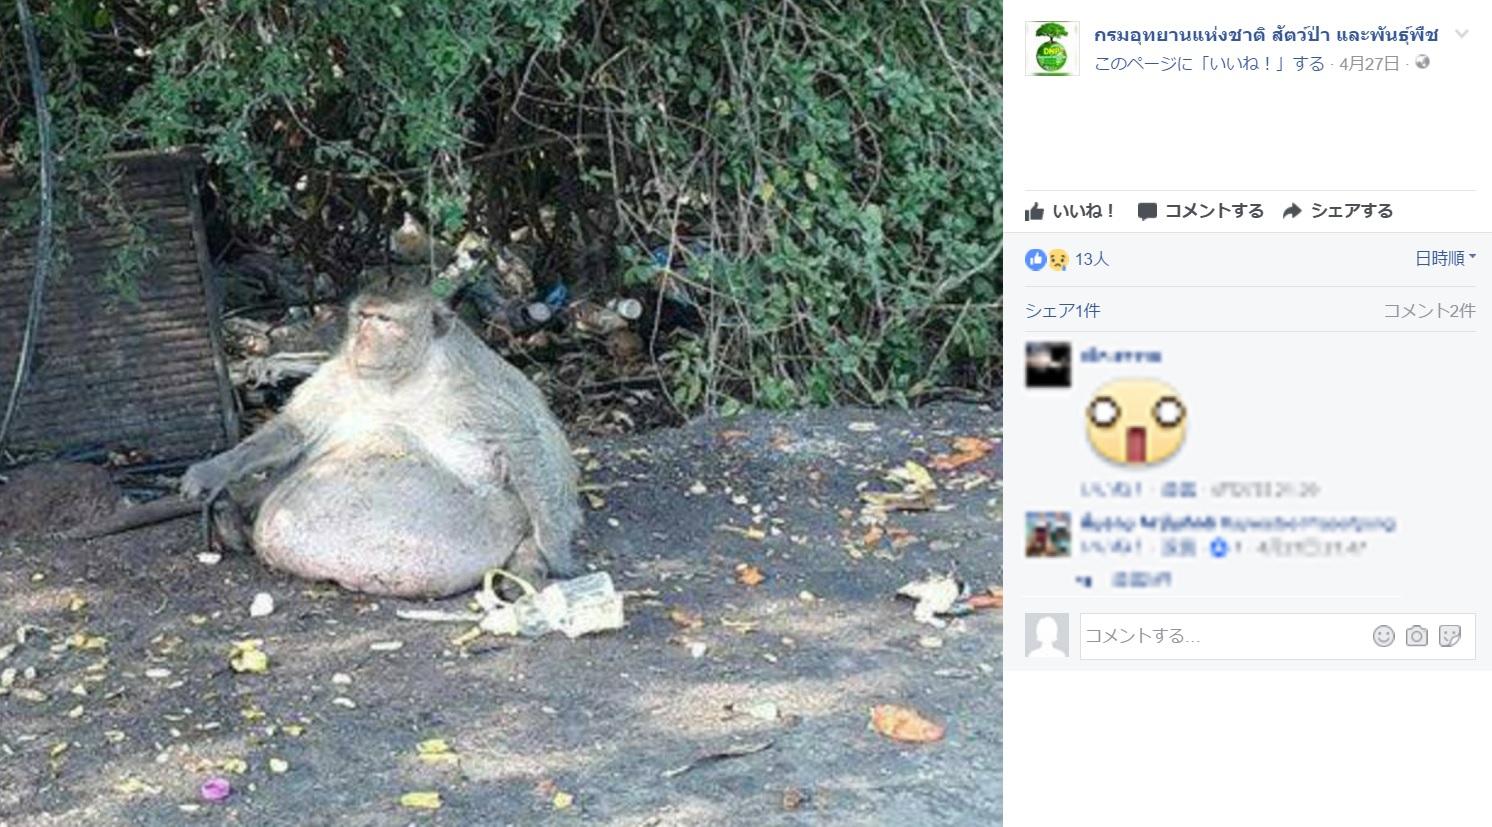 「太ったおじさん」とニックネームをつけられた猿(出典:https://www.facebook.com/DNP1362)